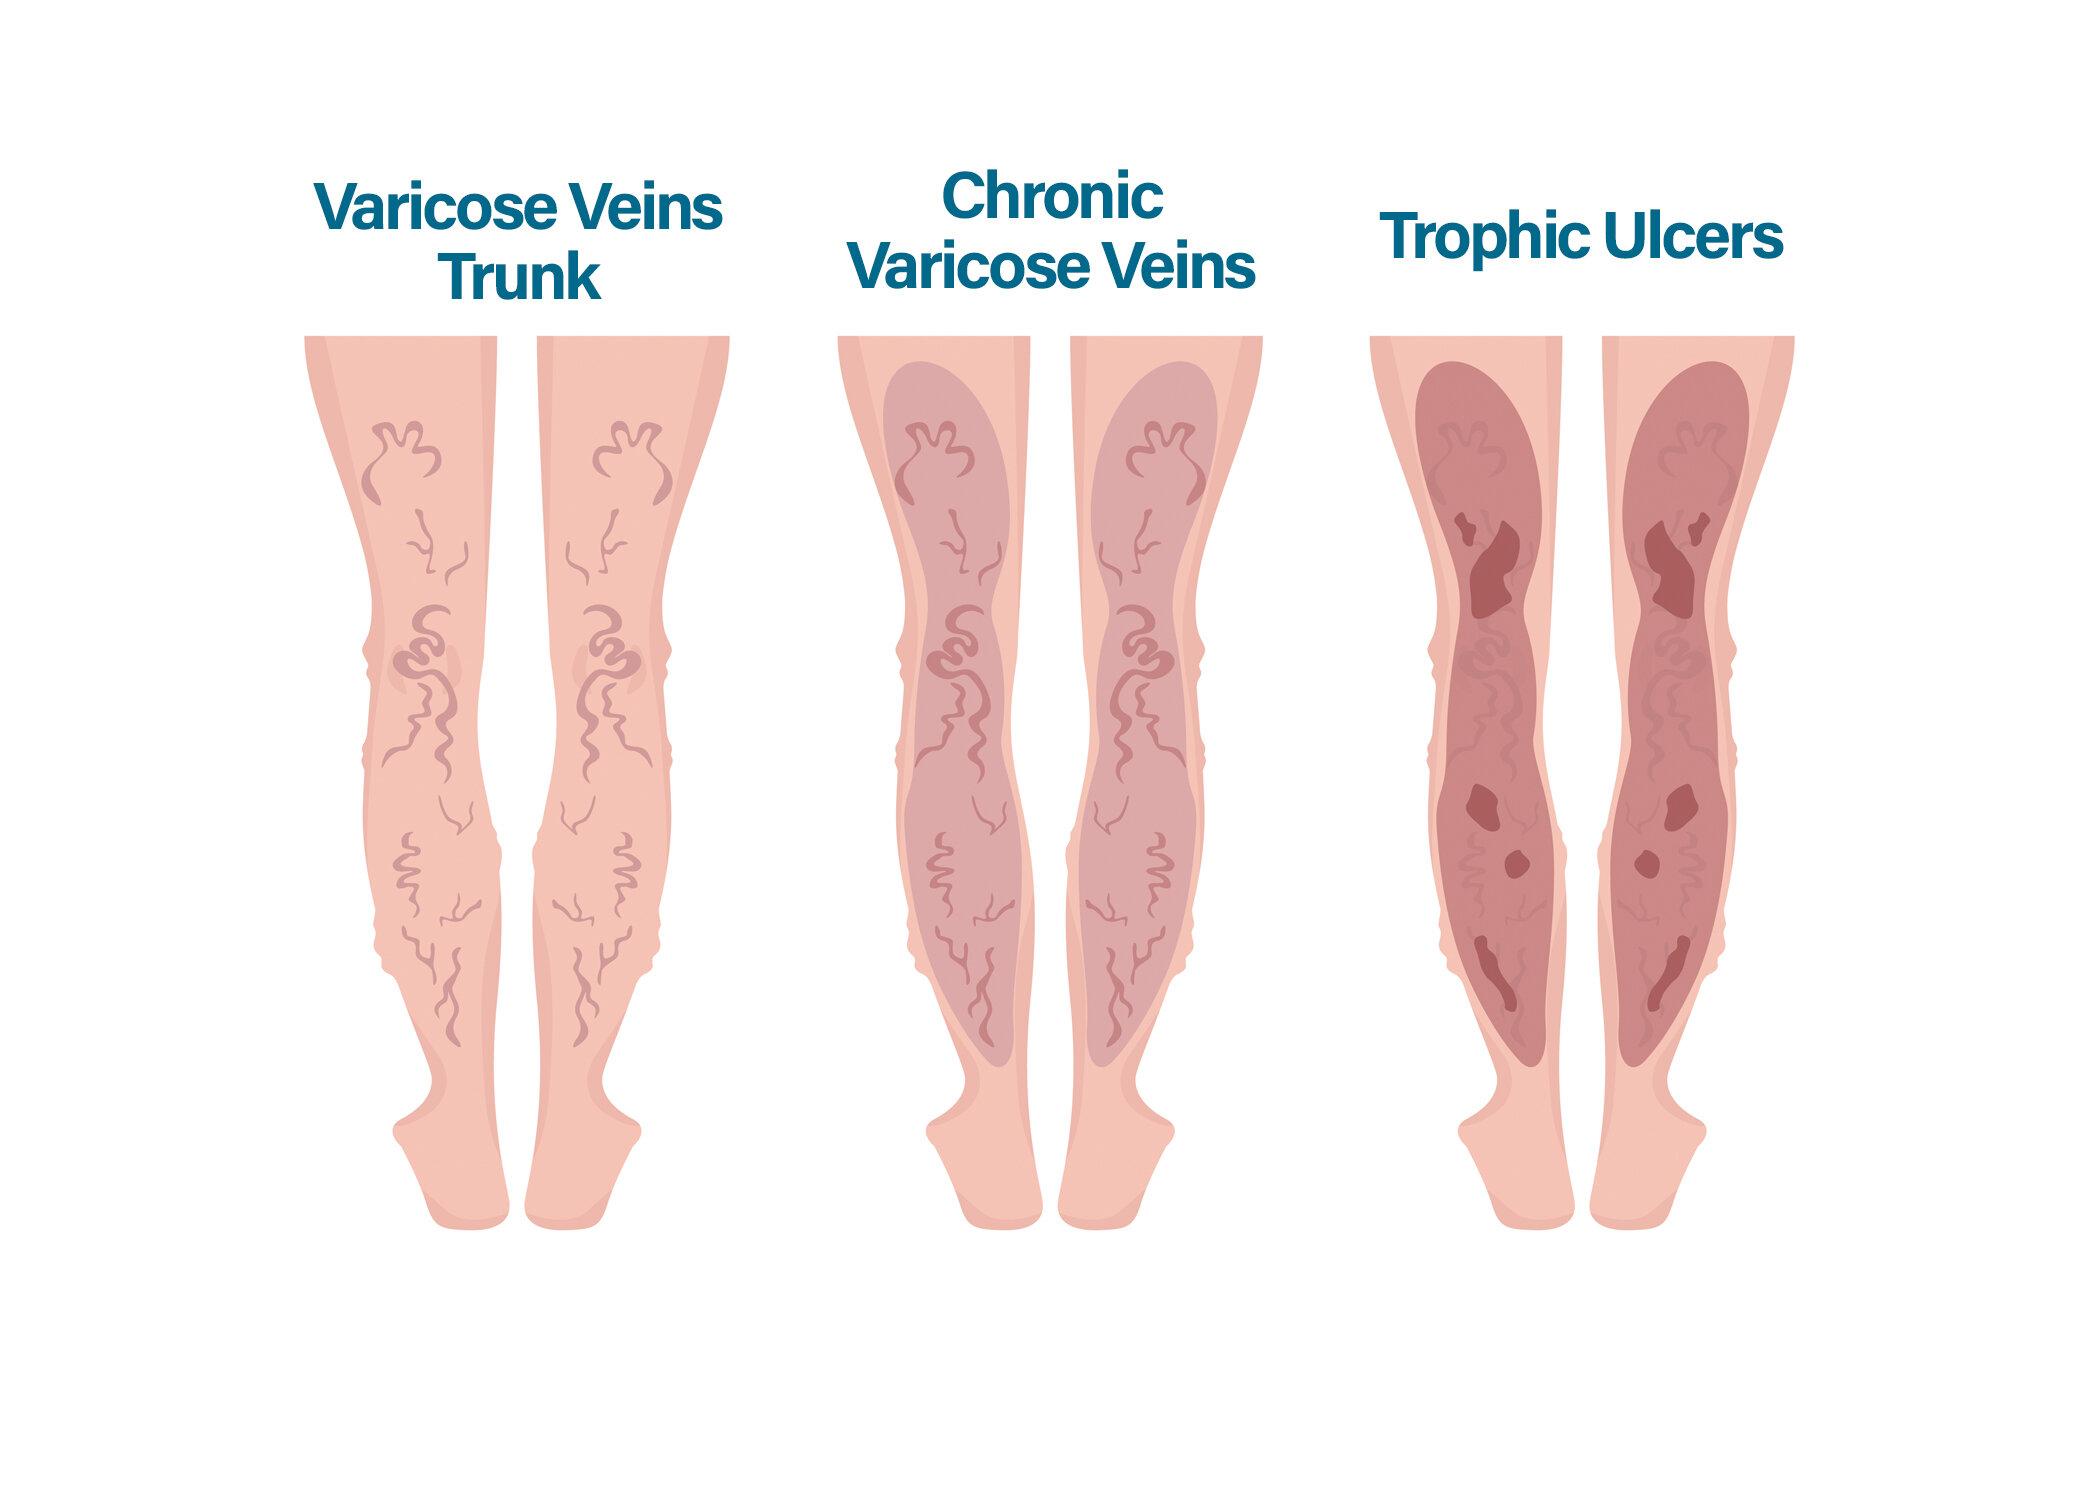 colanți dimensiuni varicoase este posibilă pomparea mușchilor în varicoză